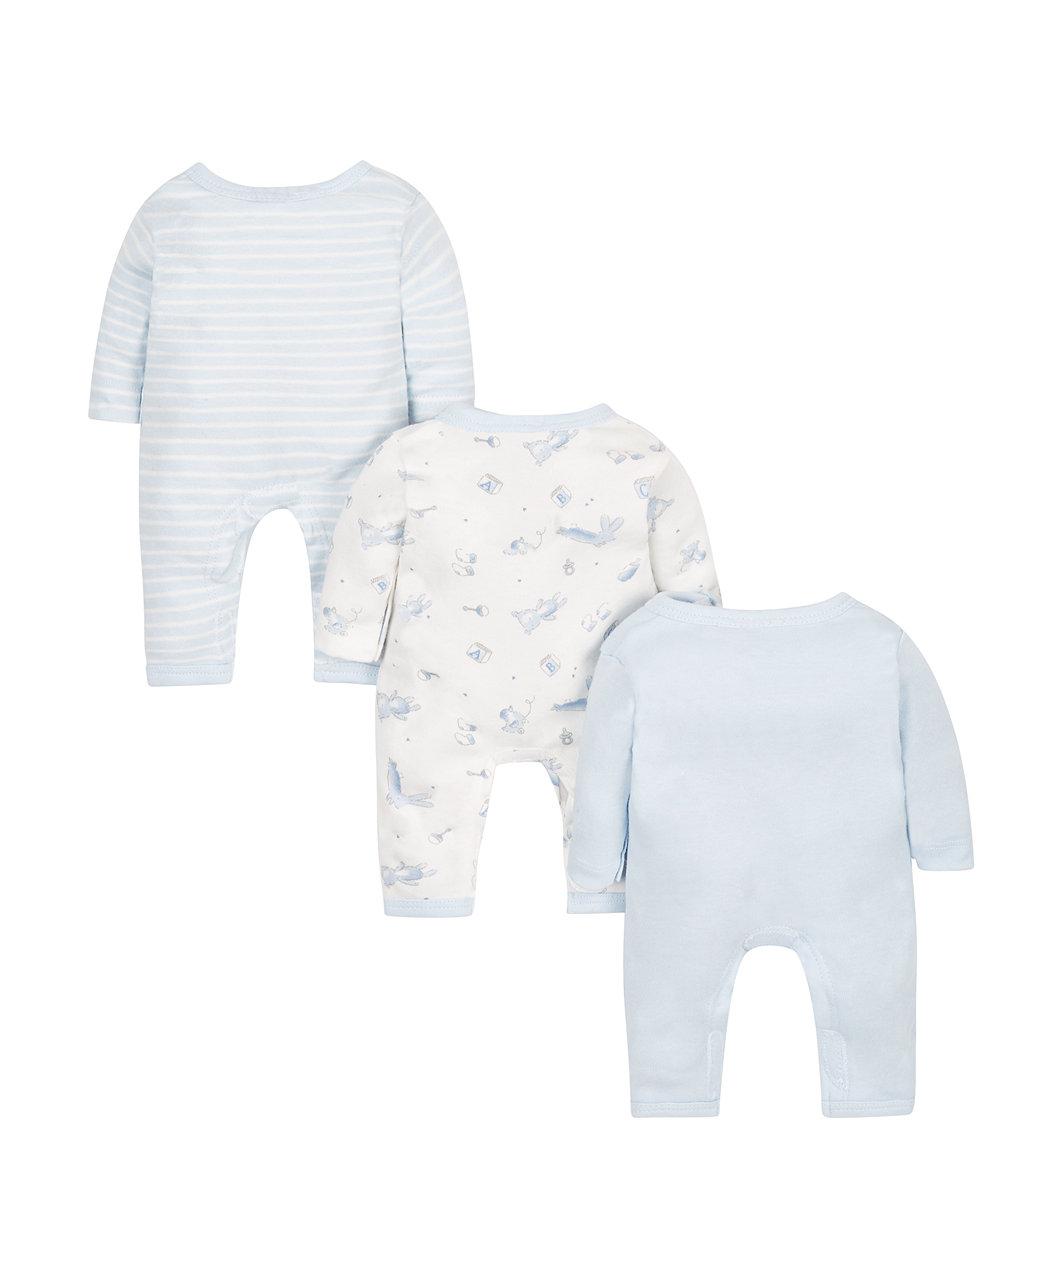 ec67d00f5 blue premature sleepsuits - 3 pack